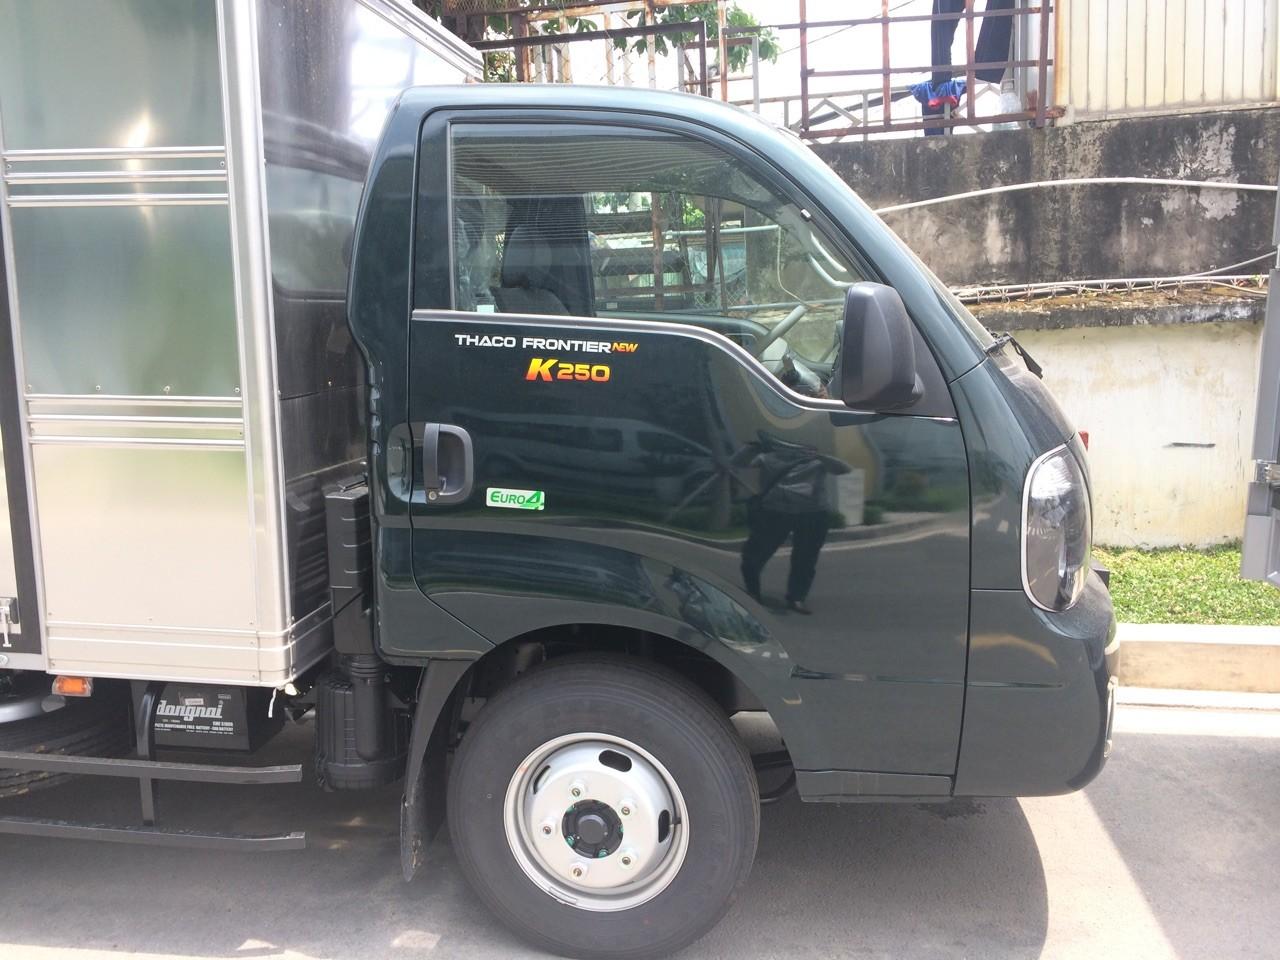 Bán xe tải Thaco k250 New Frontier 2018. Giá cạnh tranh Thaco An Sương Chất lượng 2018 Ảnh số 41949305